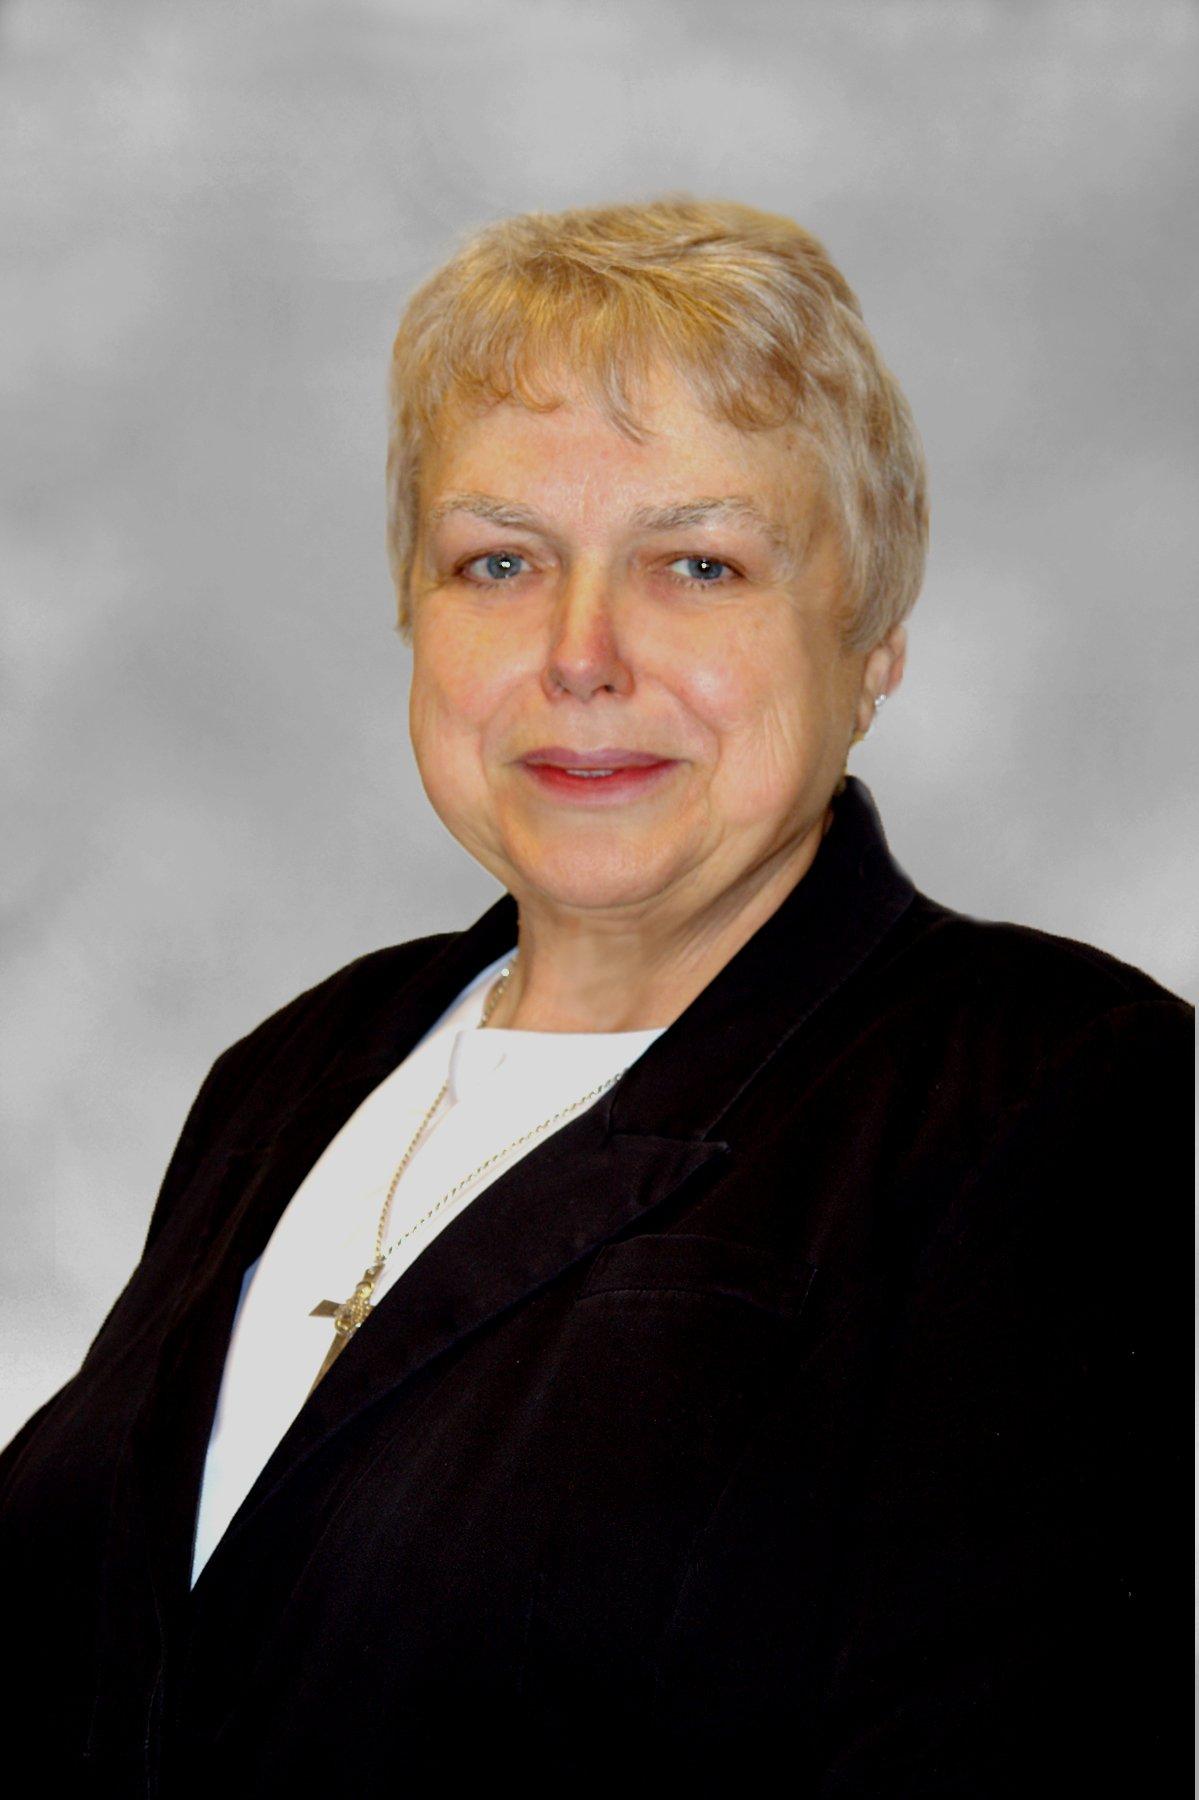 portrait of Sister Karen